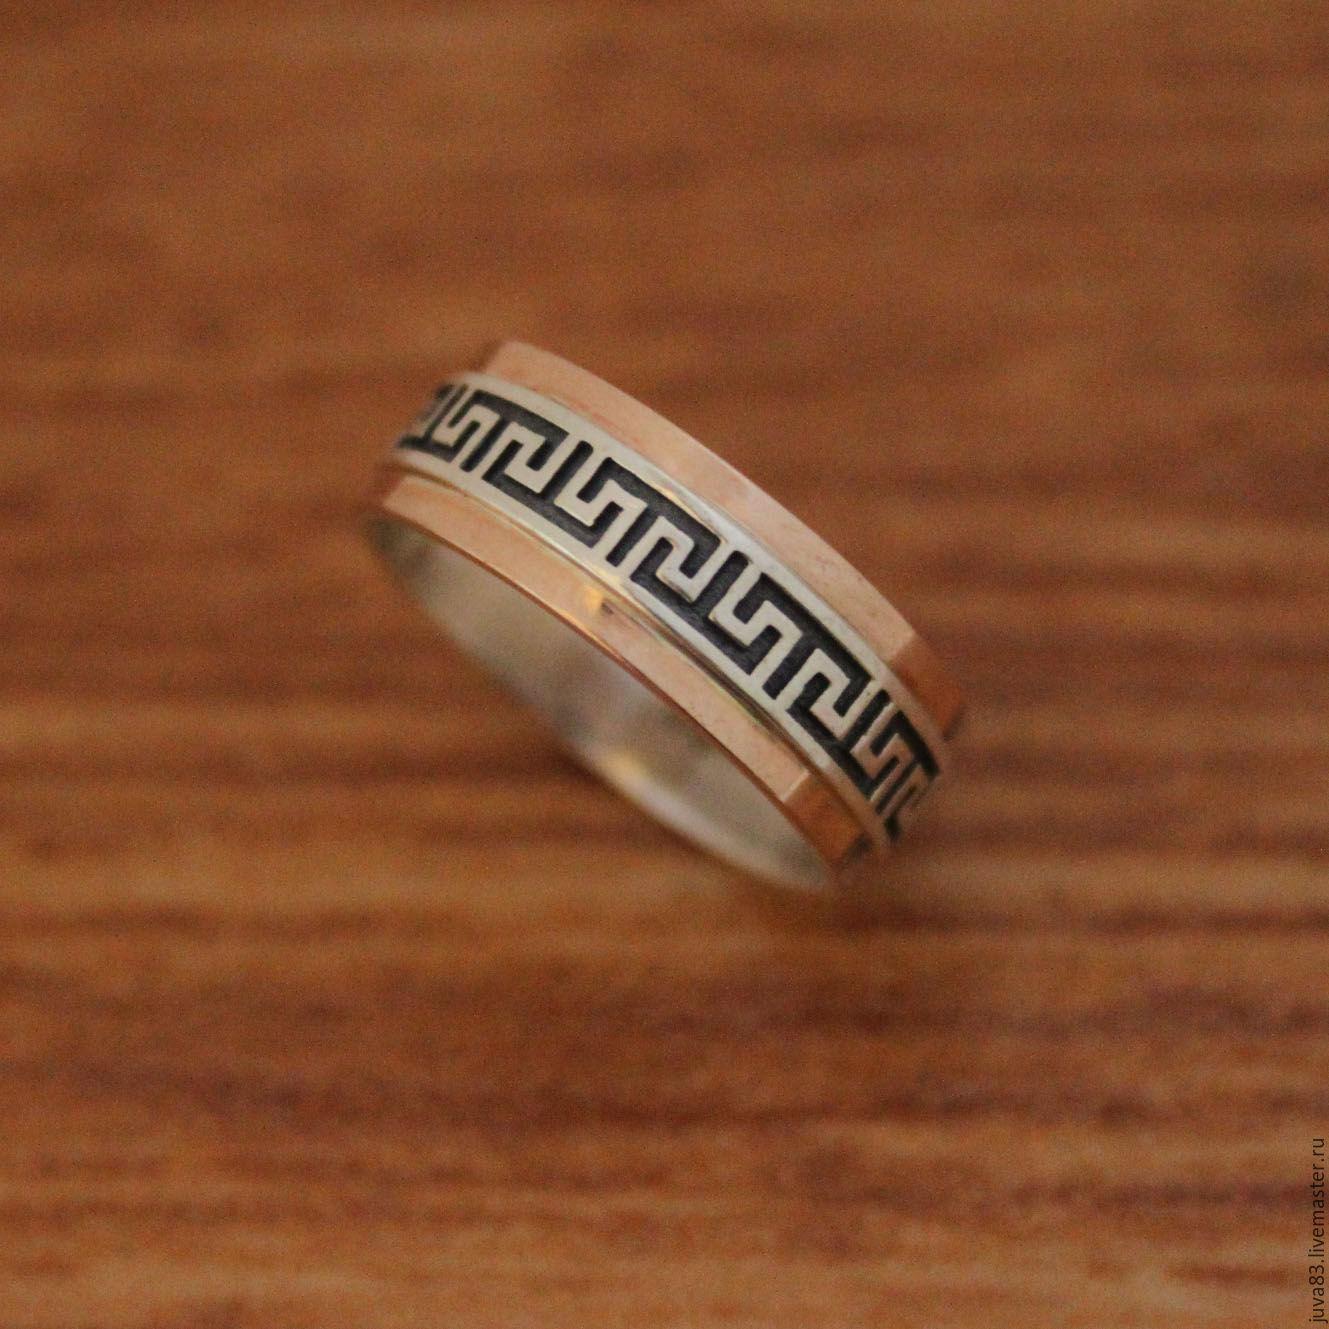 Кольца ручной работы. Ярмарка Мастеров - ручная работа. Купить Серебряное кольцо Греция, серебро 925. Handmade. Серебро